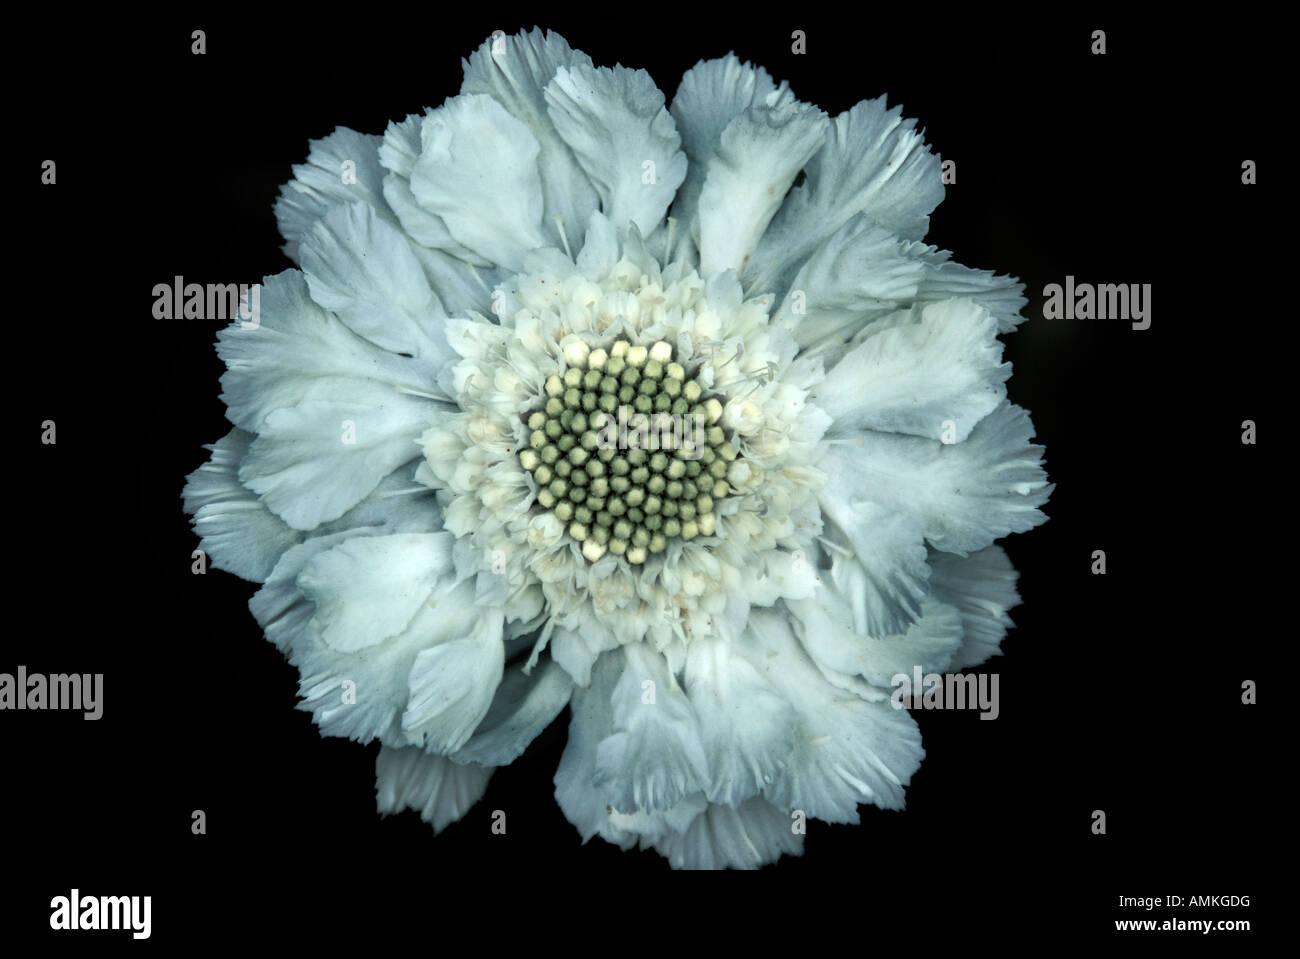 Nahaufnahme einer blassen blauen Witwenblume Blume auf einem schwarzen Hintergrund Stockbild